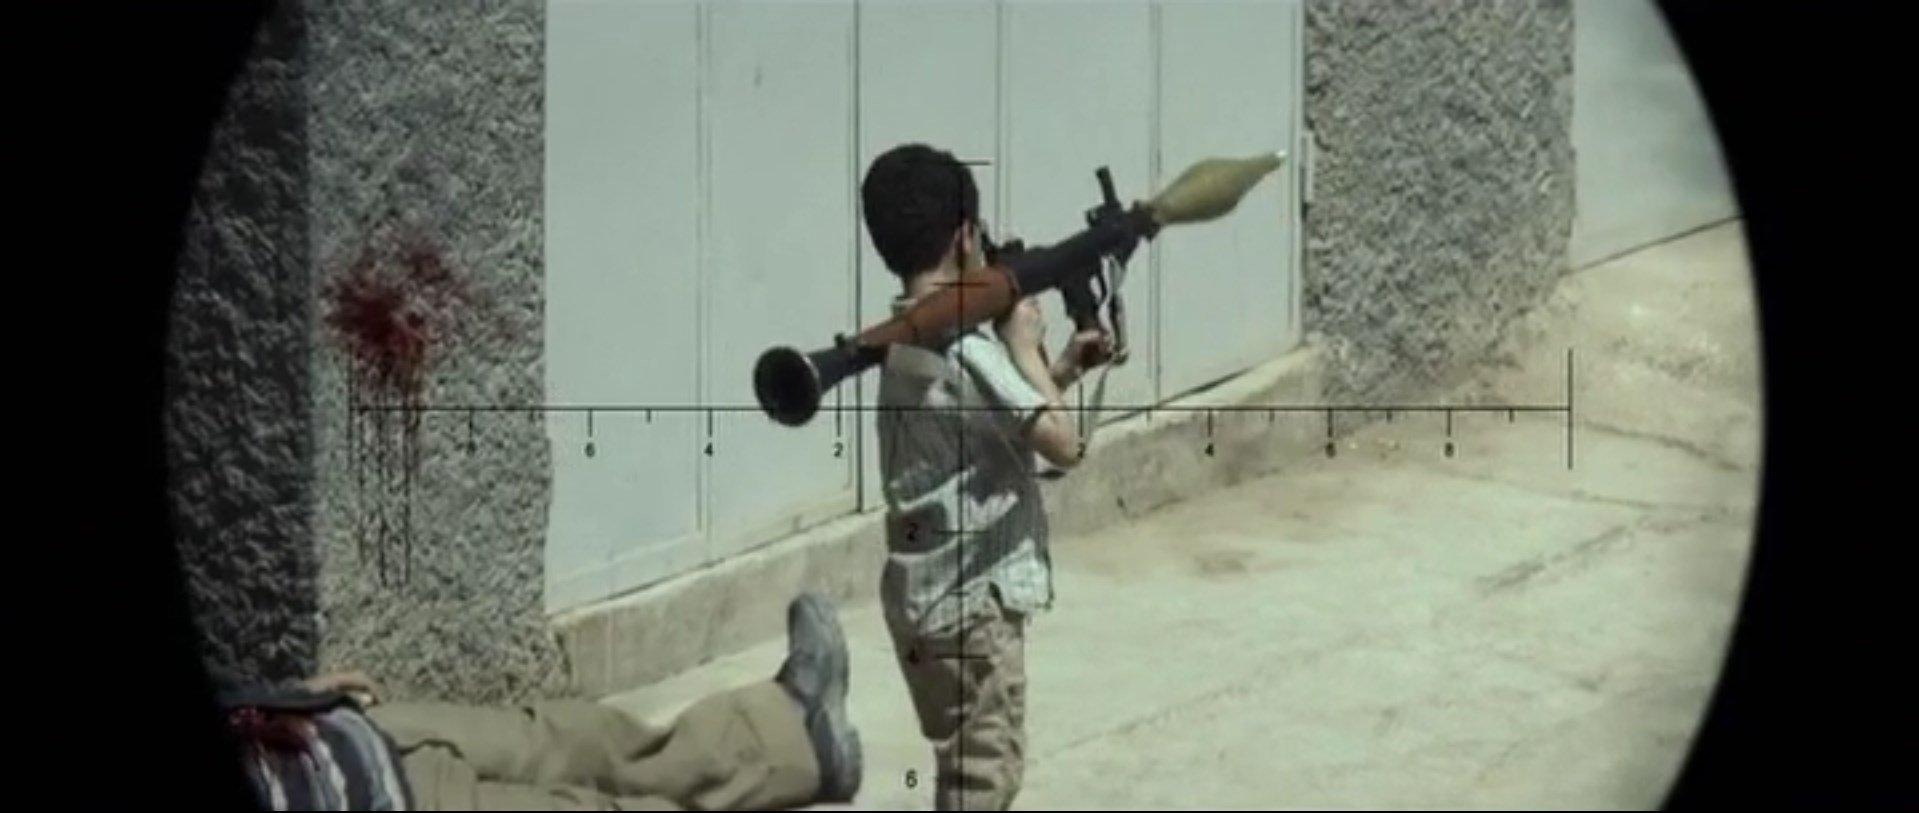 Повелитель дури 2.0 (обзор фильма american sniper) - Изображение 5